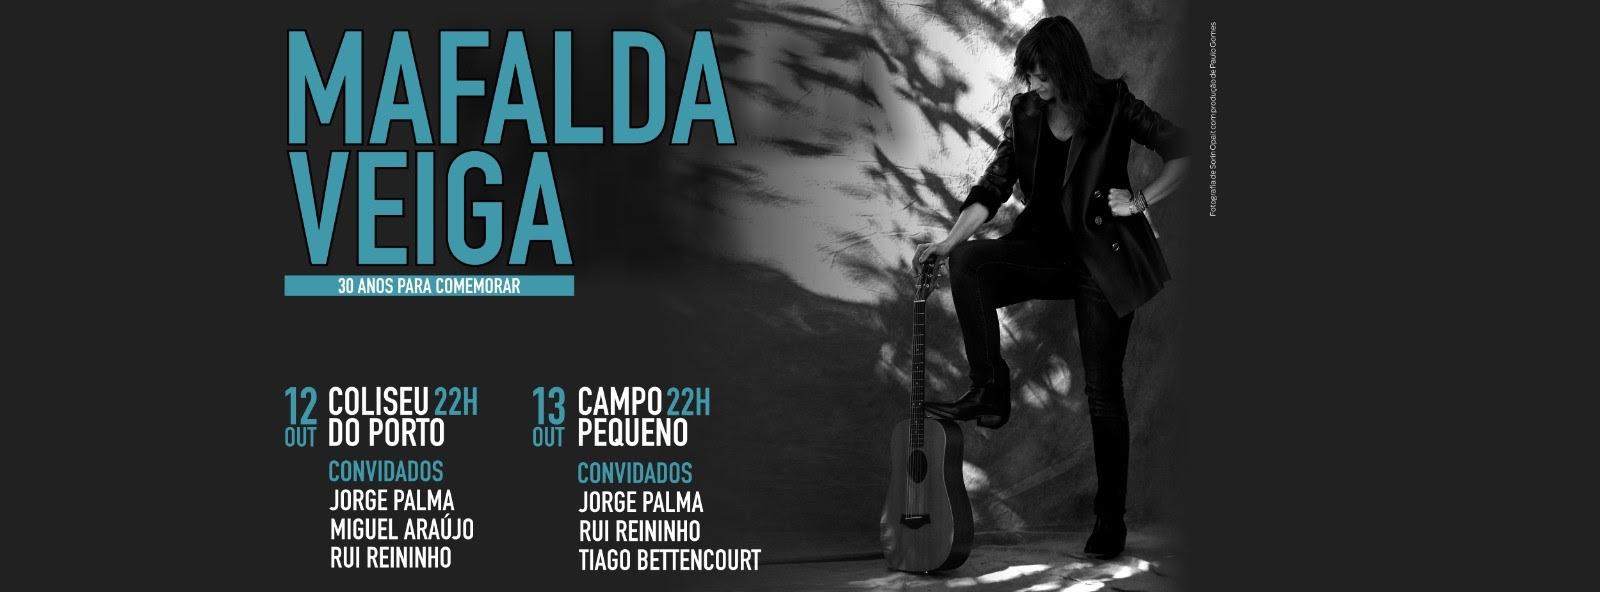 Mafalda Veiga - 30 anos de carreira - concertos